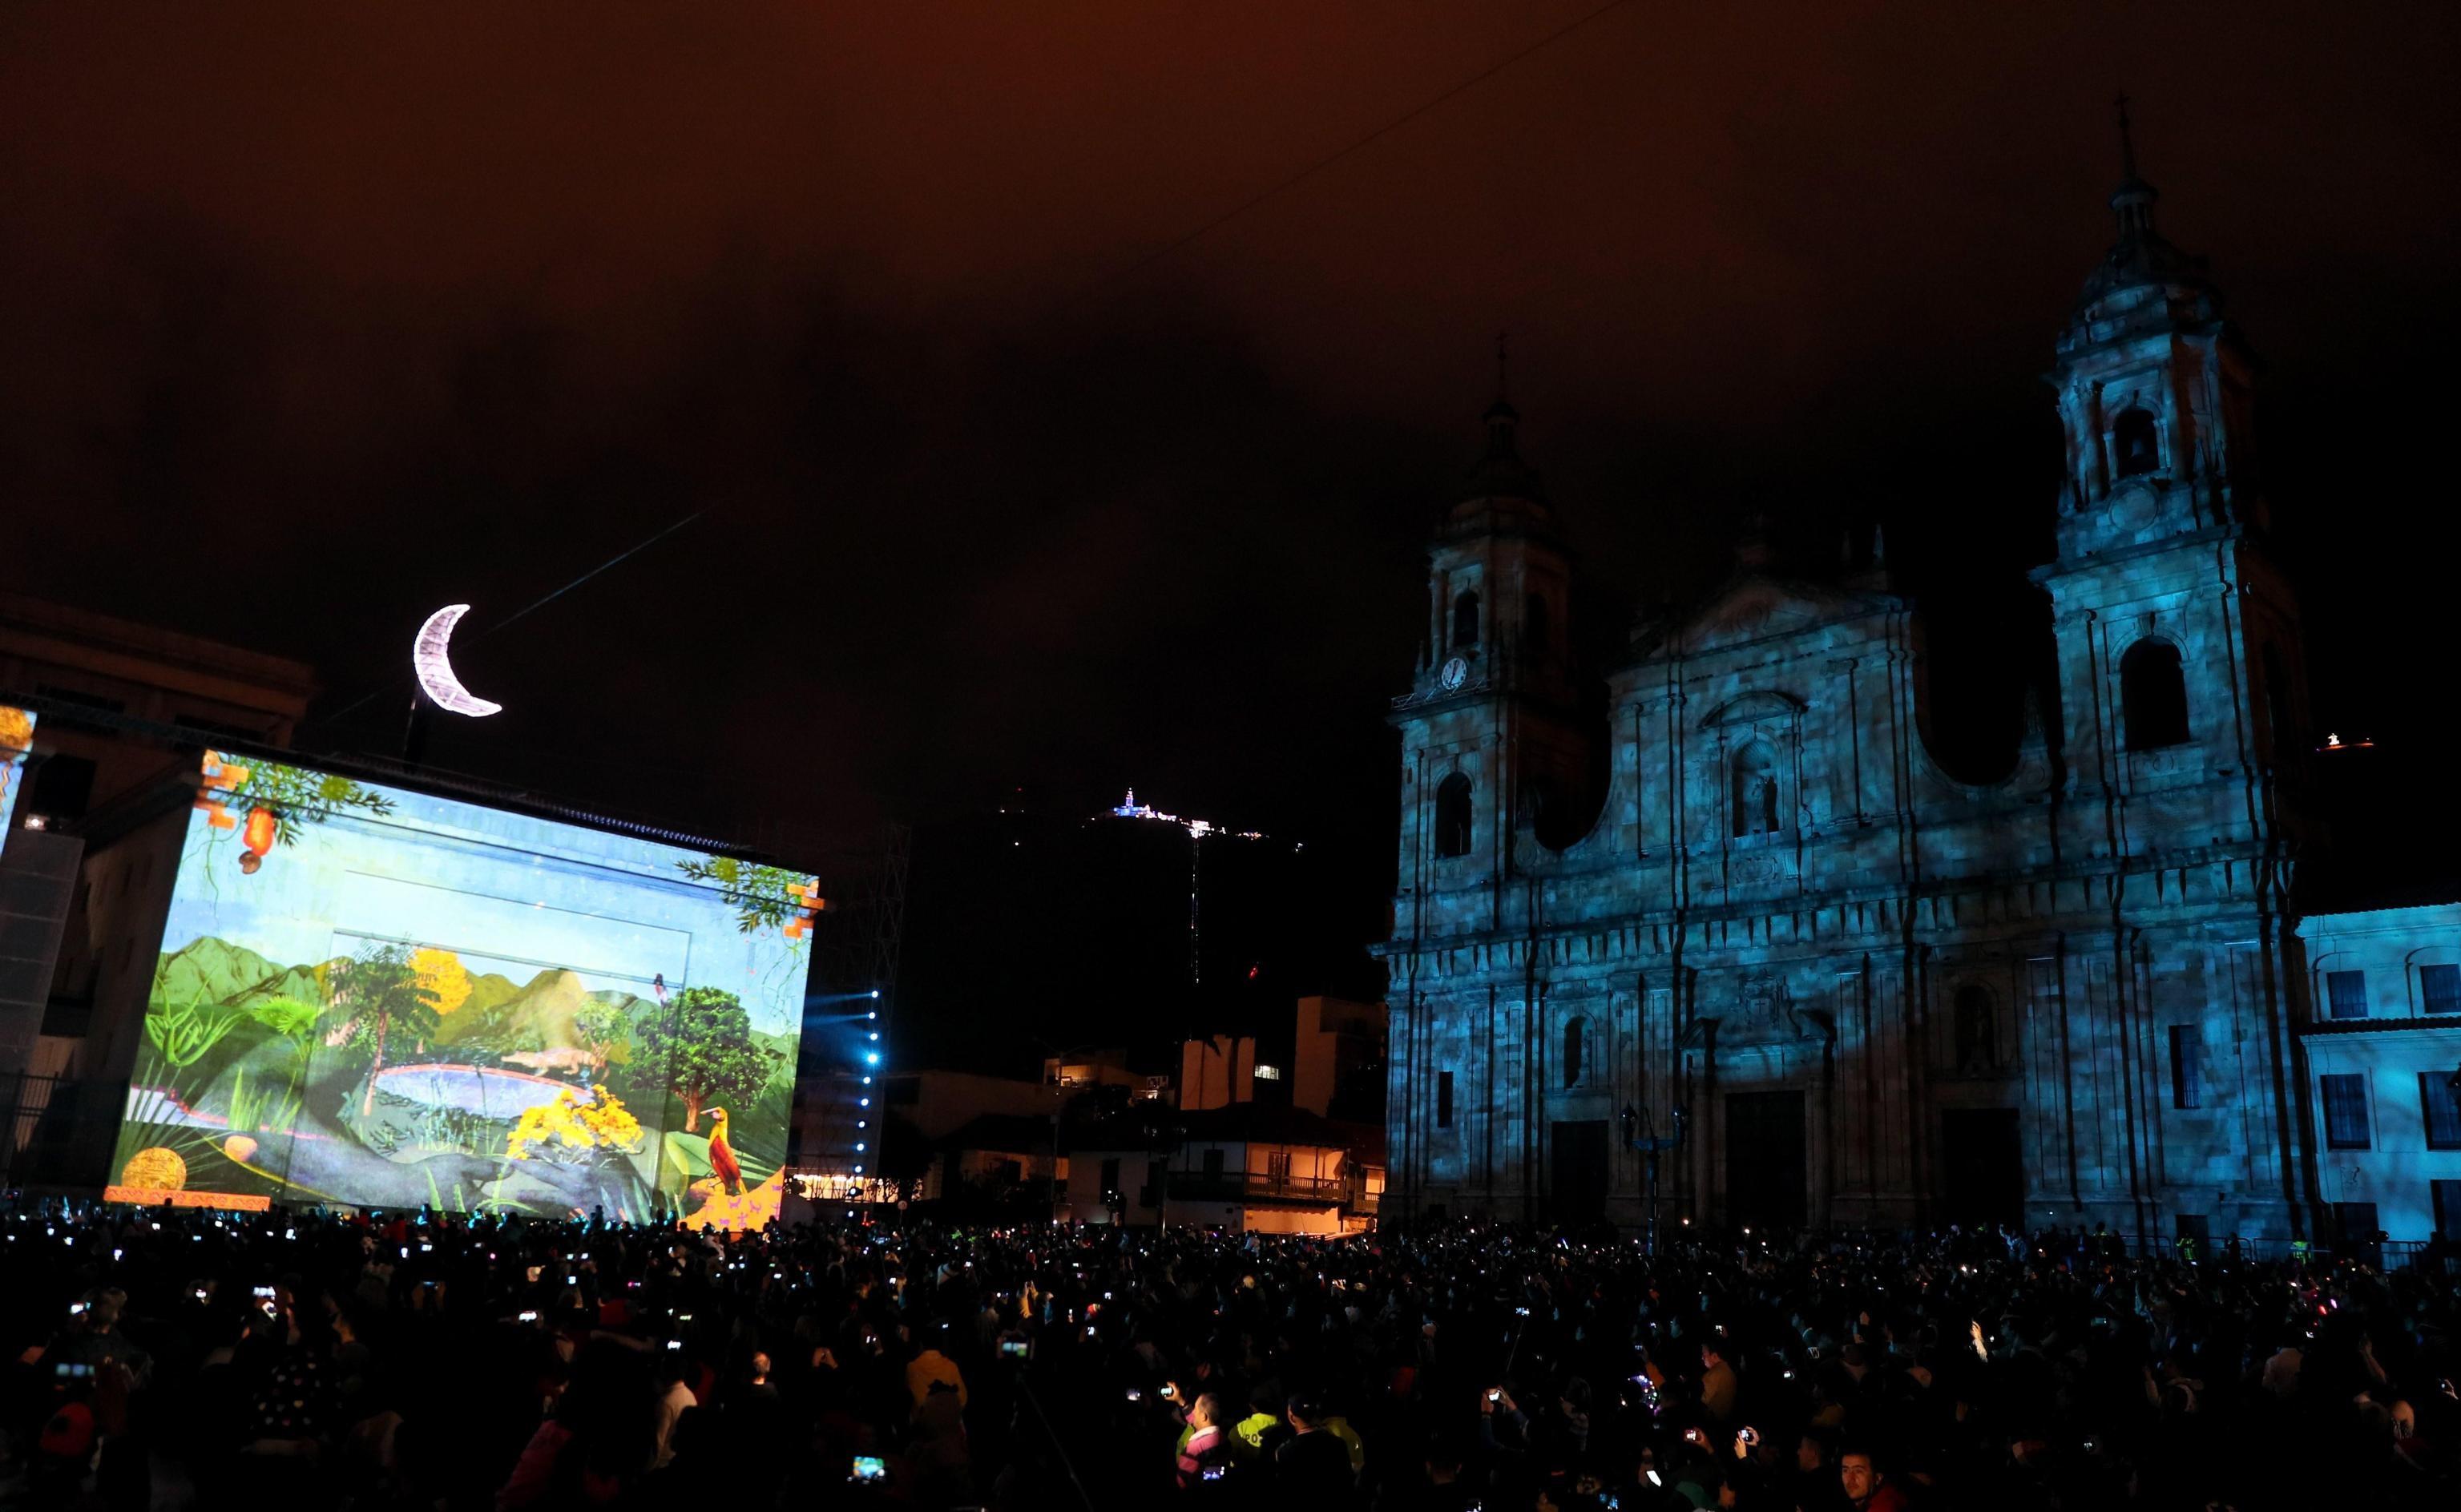 La folla in piazza che assiste a una proiezione durante lo spettacolo